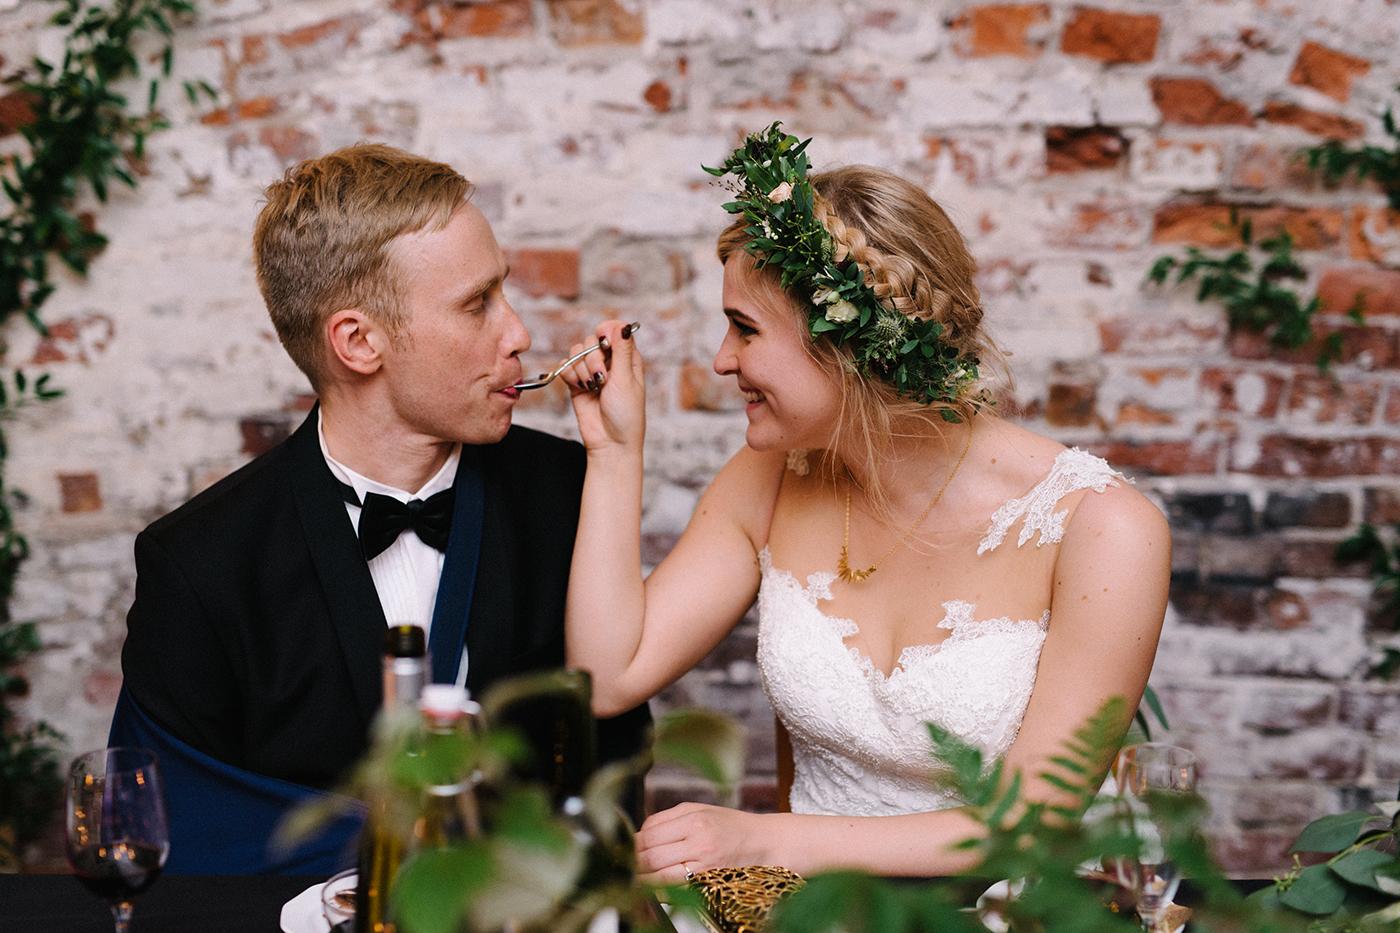 Indie Glam Wedding Tenalji von Fersen Suomenlinna (127).jpg